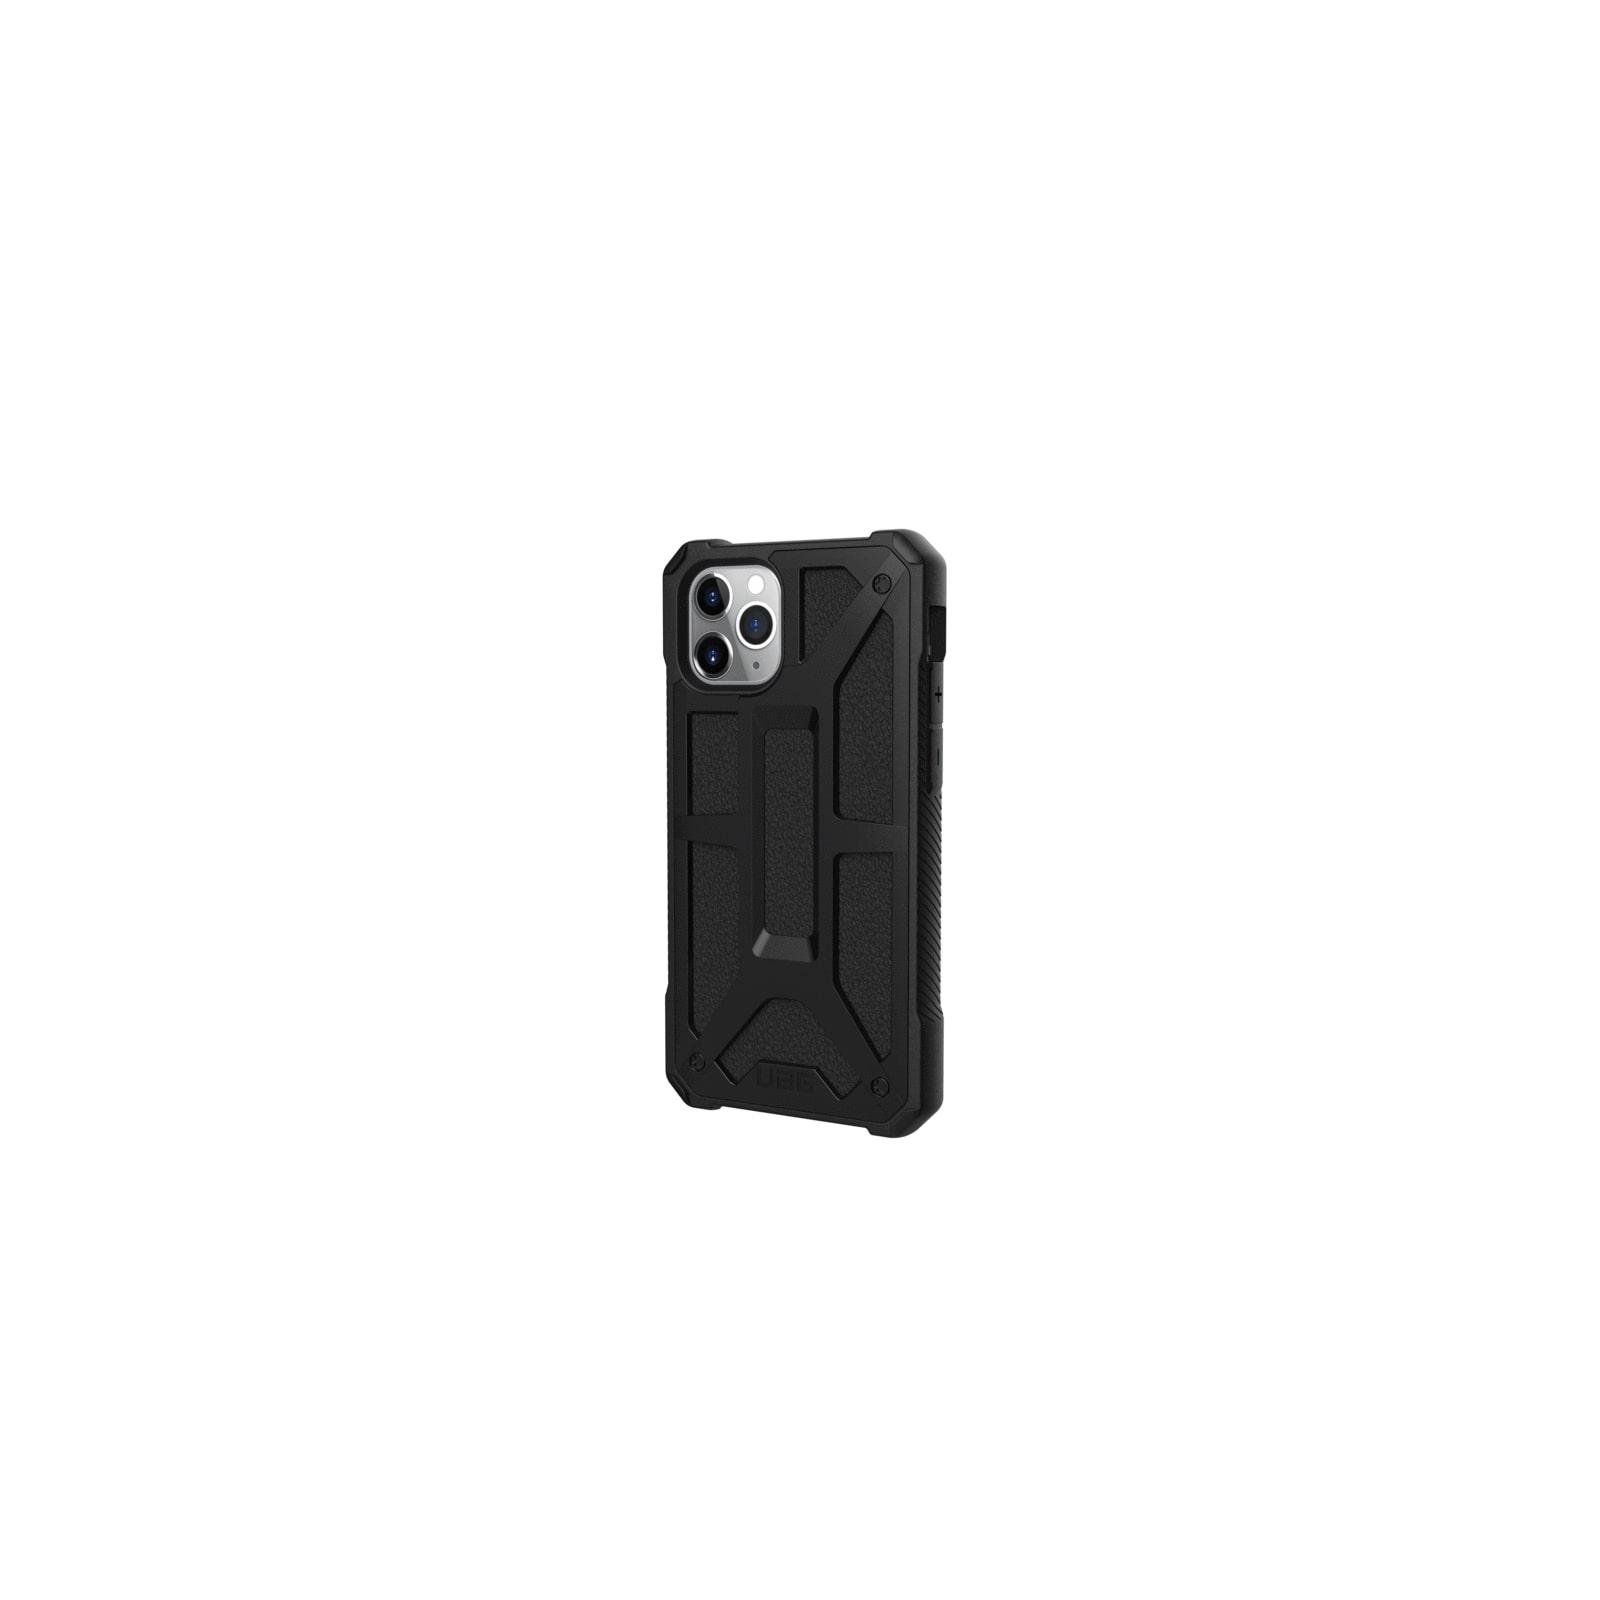 Чехол для моб. телефона Uag iPhone 11 Pro Monarch, Black (111701114040) изображение 3